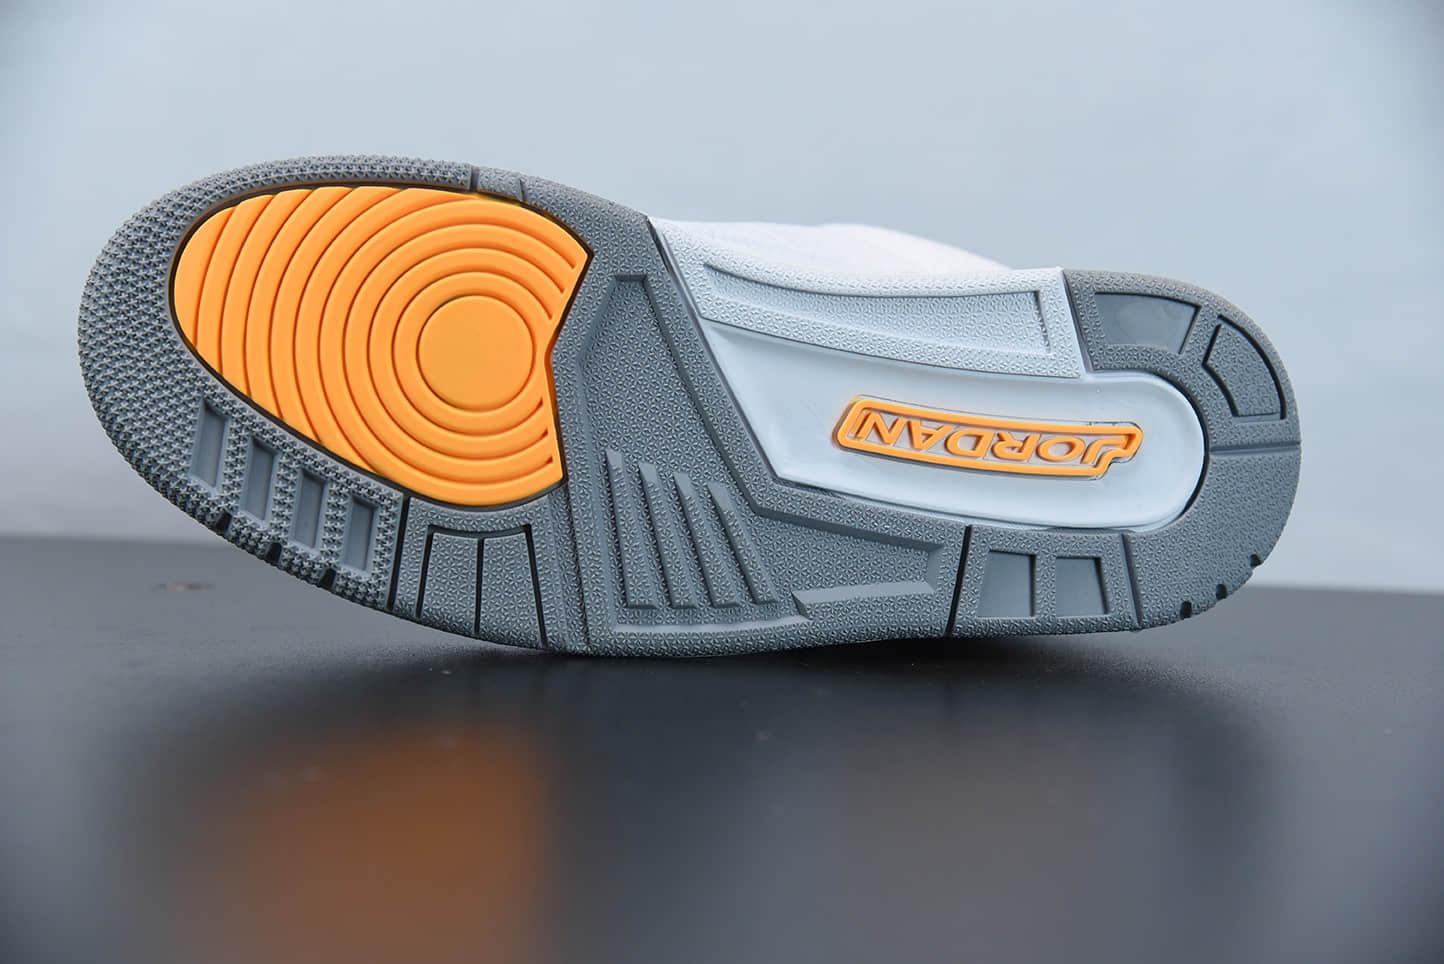 """乔丹Air Jordan 3 """"Laser Orange""""白黄湖人配色中帮复古休闲运动文化篮球鞋纯原版本 货号:CK9246-108"""